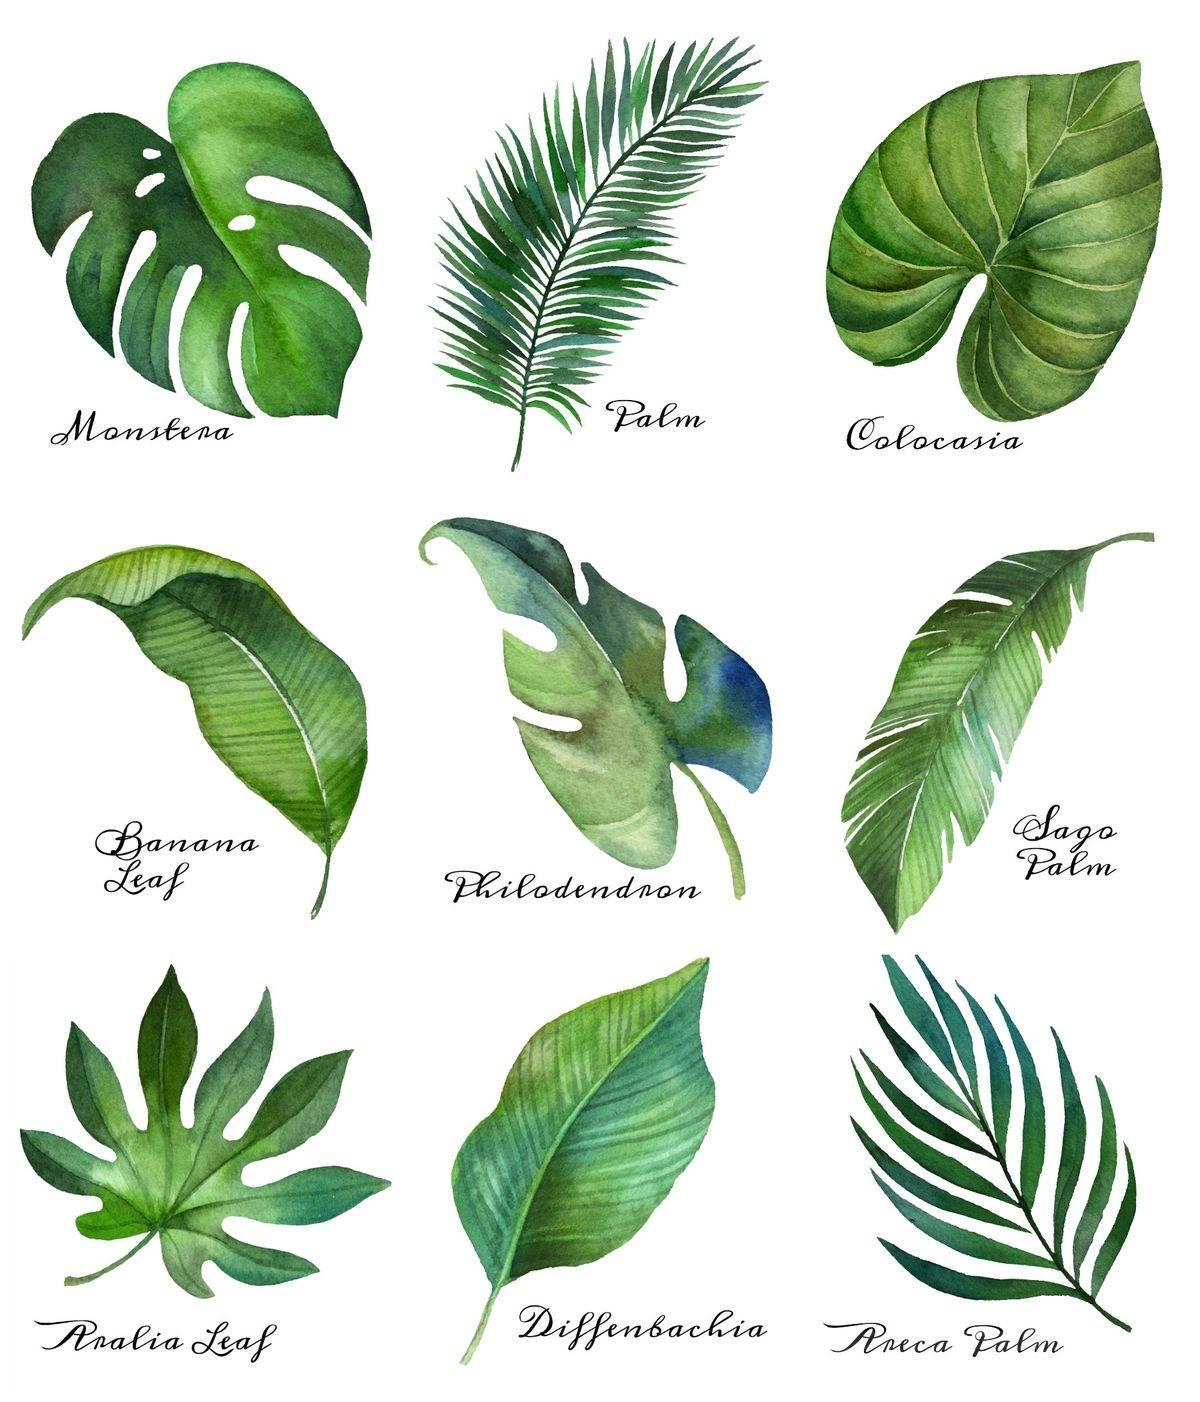 tropical garden ideas-198580664806197308